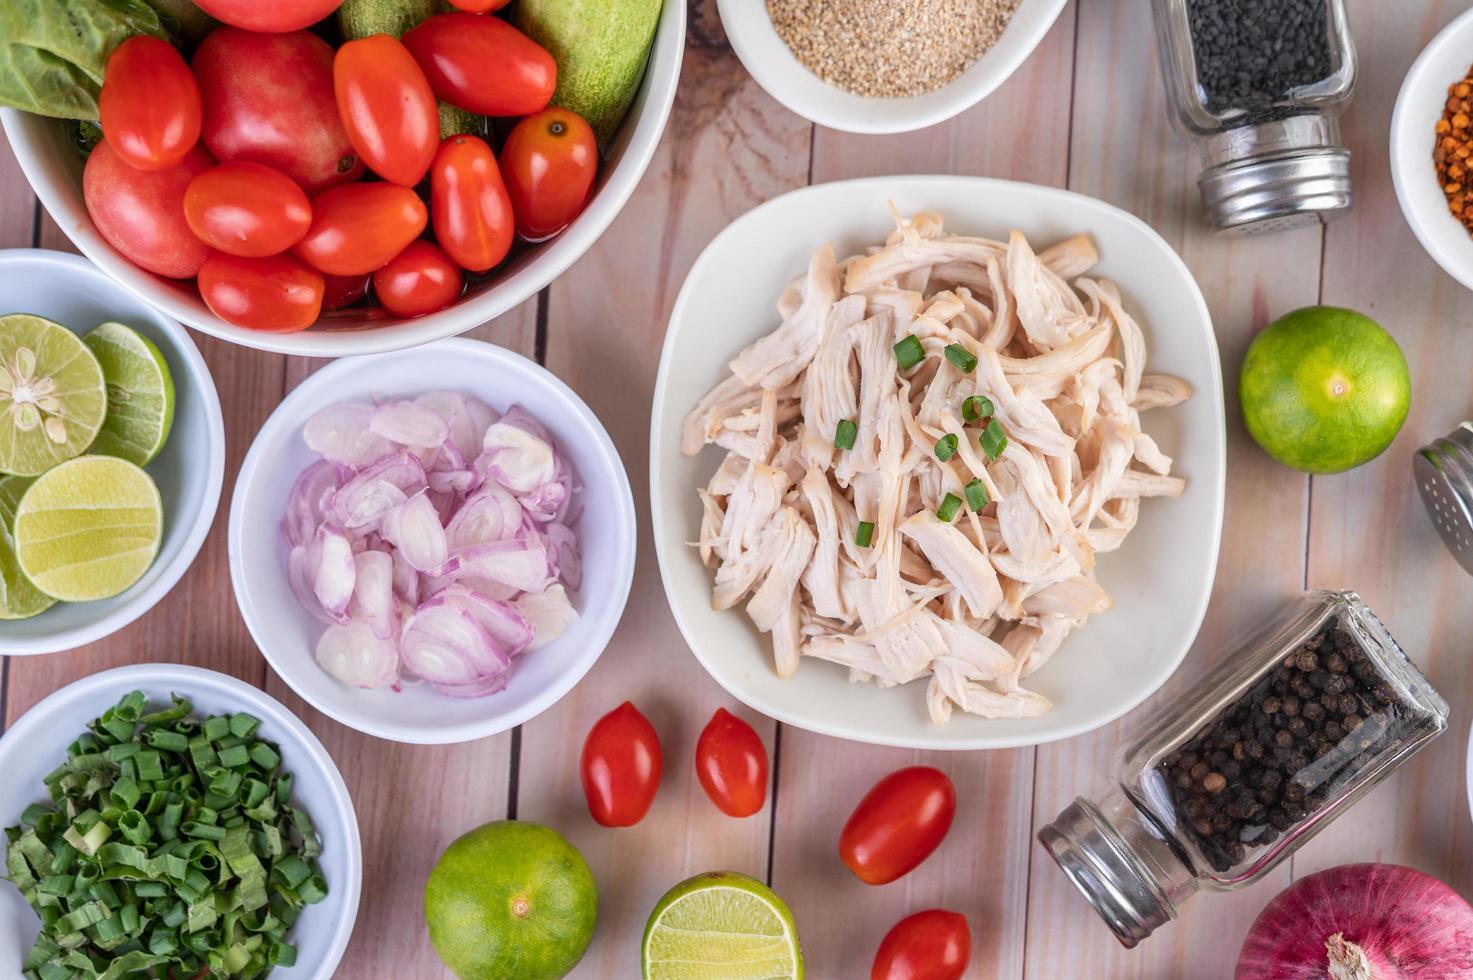 gekochte Hühnchenstücke mit Gemüse und Gewürzen auf einem Holztisch foto